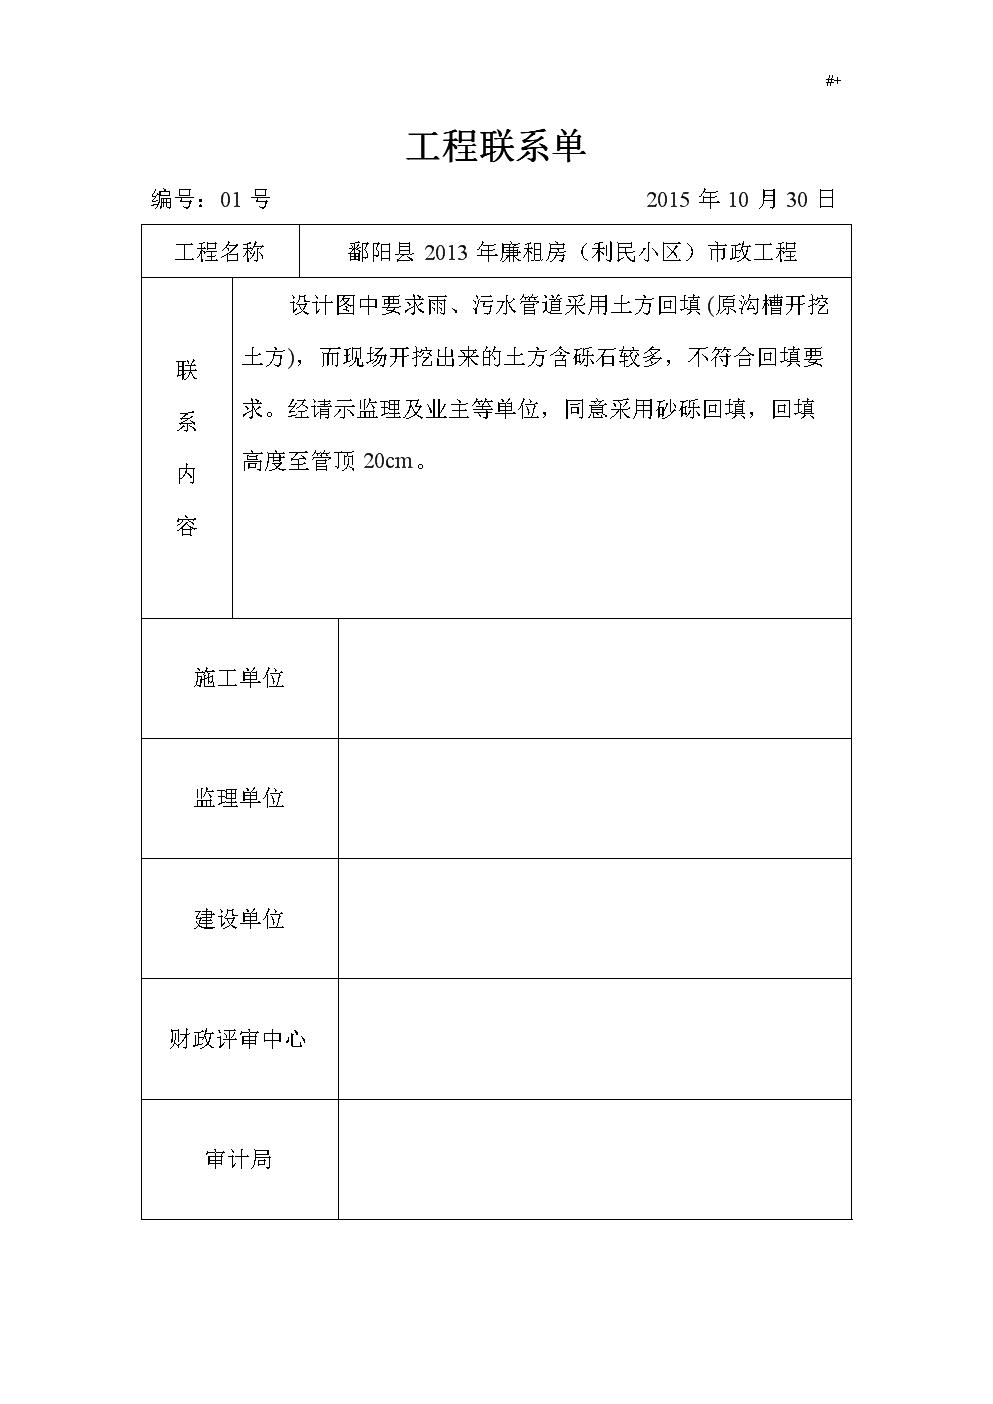 联系单及其签证单.doc